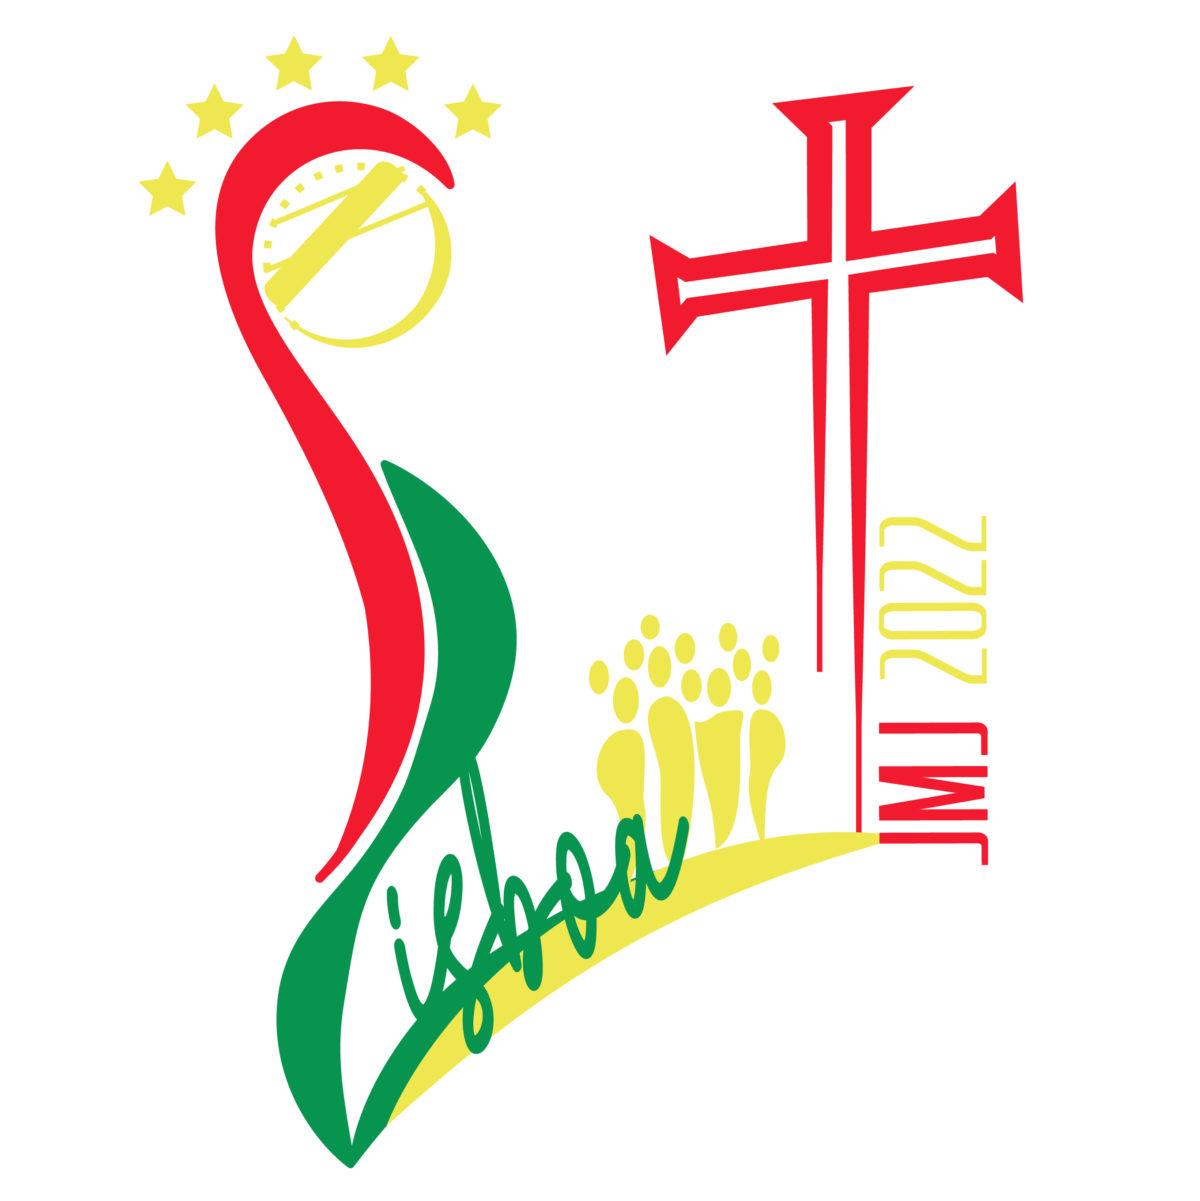 Logo Concours JMJ Lisbonne 2022